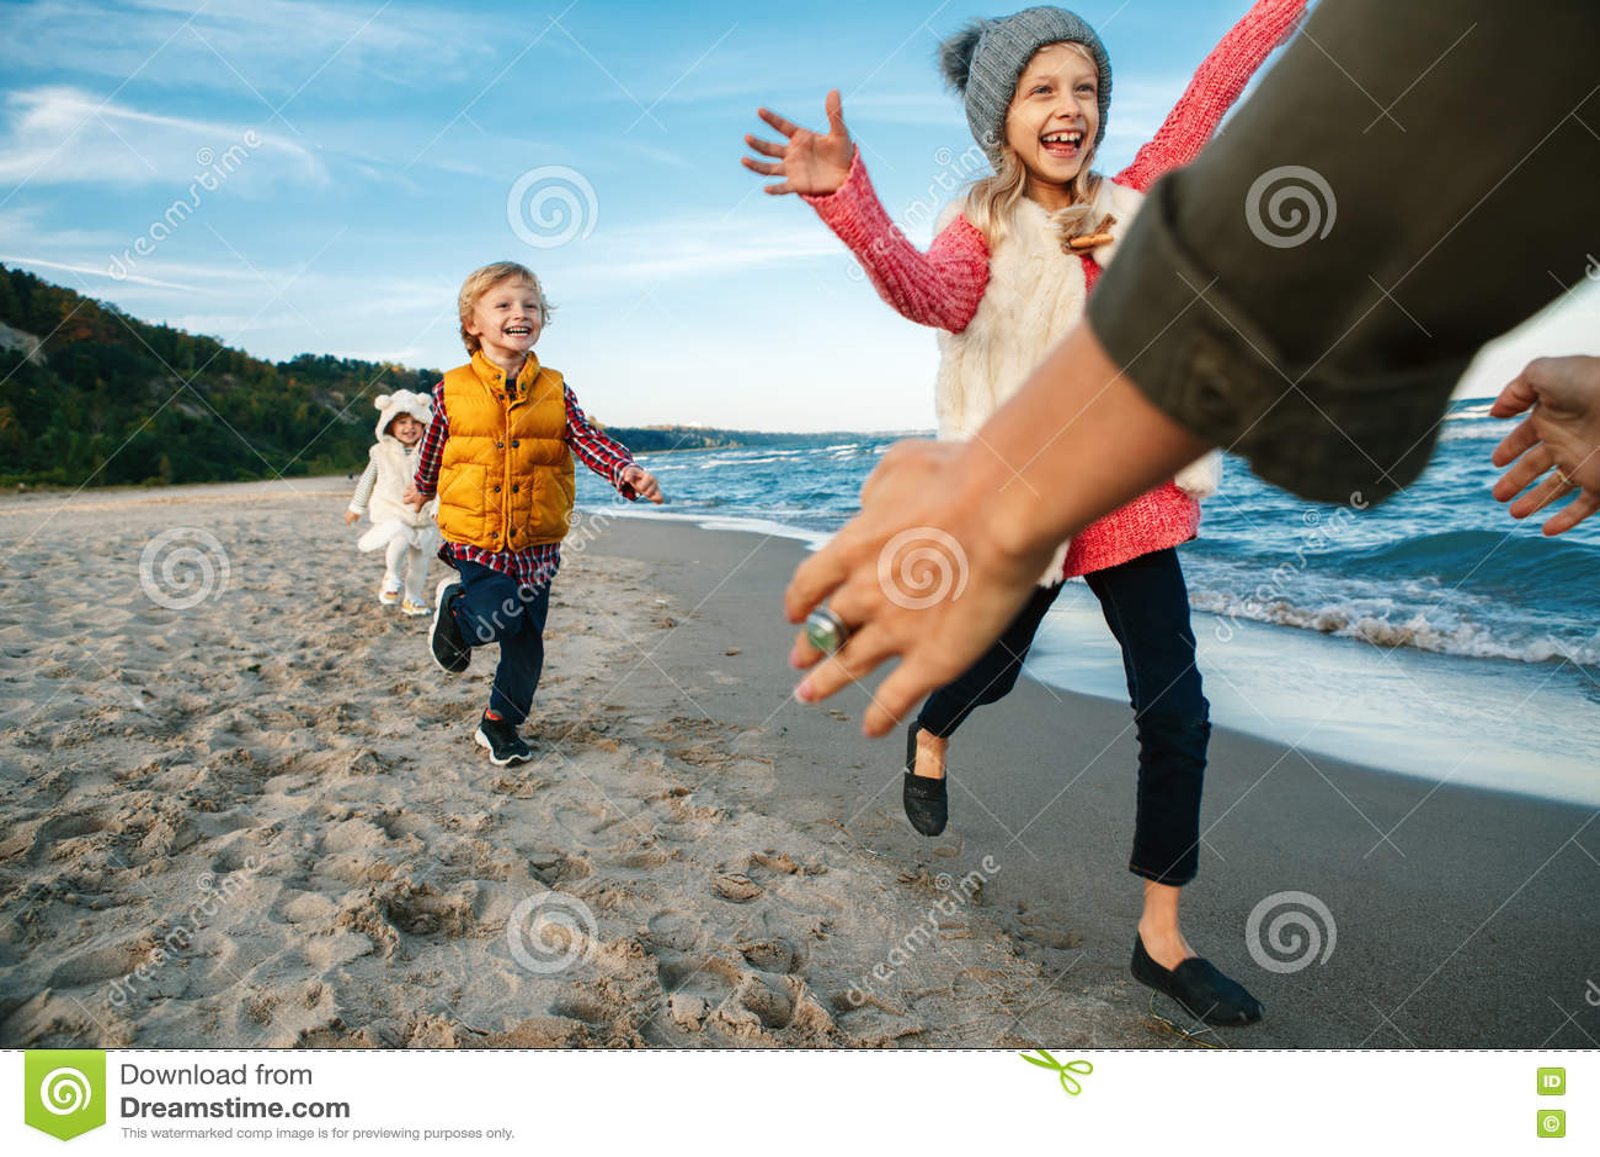 Drei lustige lächelnde lachende weiße kaukasische Kinder scherzt die Freunde, die das Laufen spielen, zum des Elternteilerwachsen